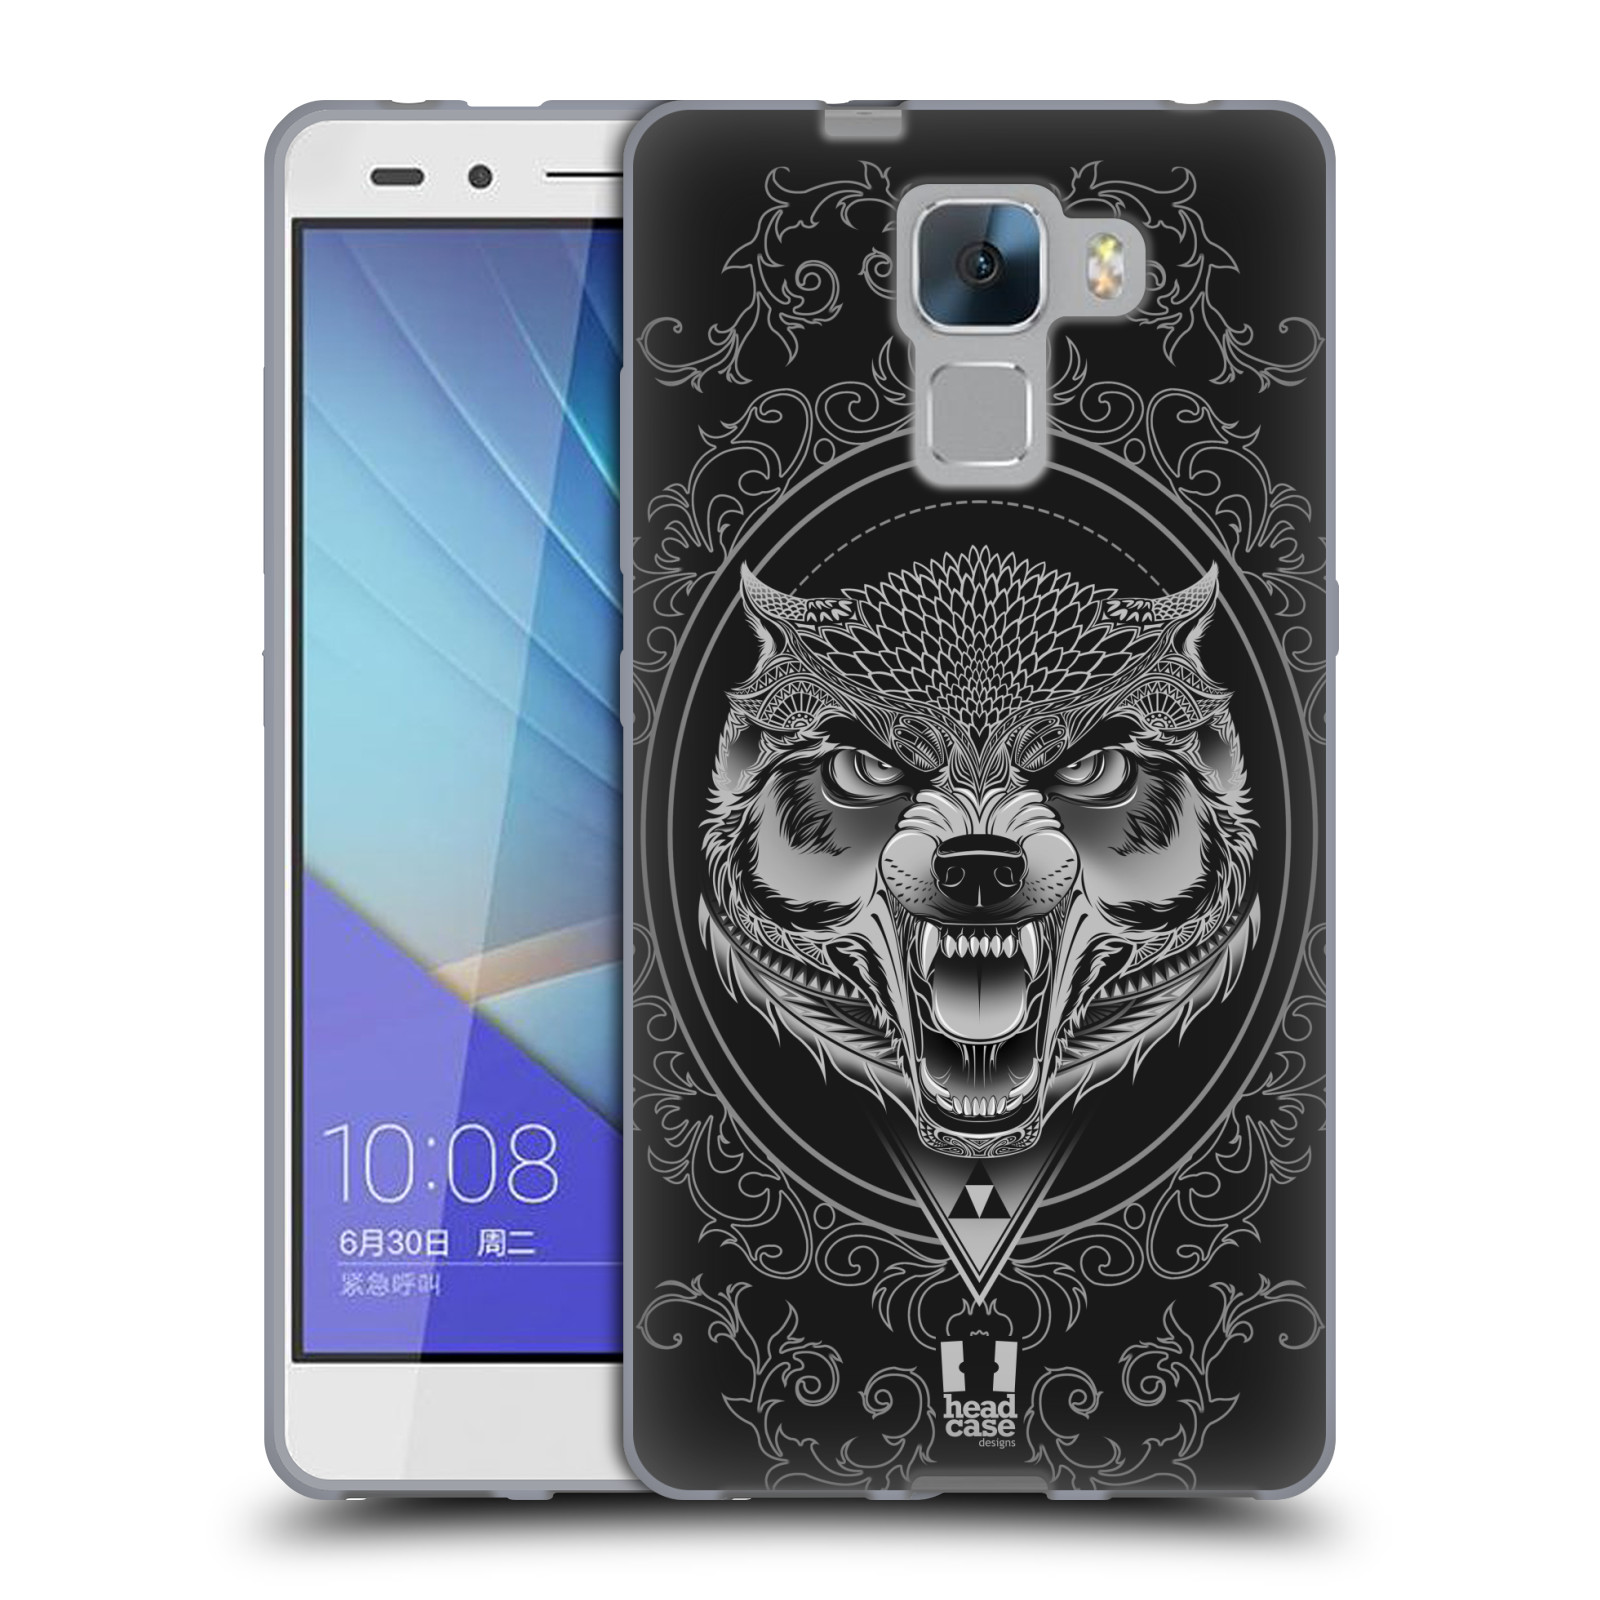 Silikonové pouzdro na mobil Honor 7 - Head Case - Krutý vlk